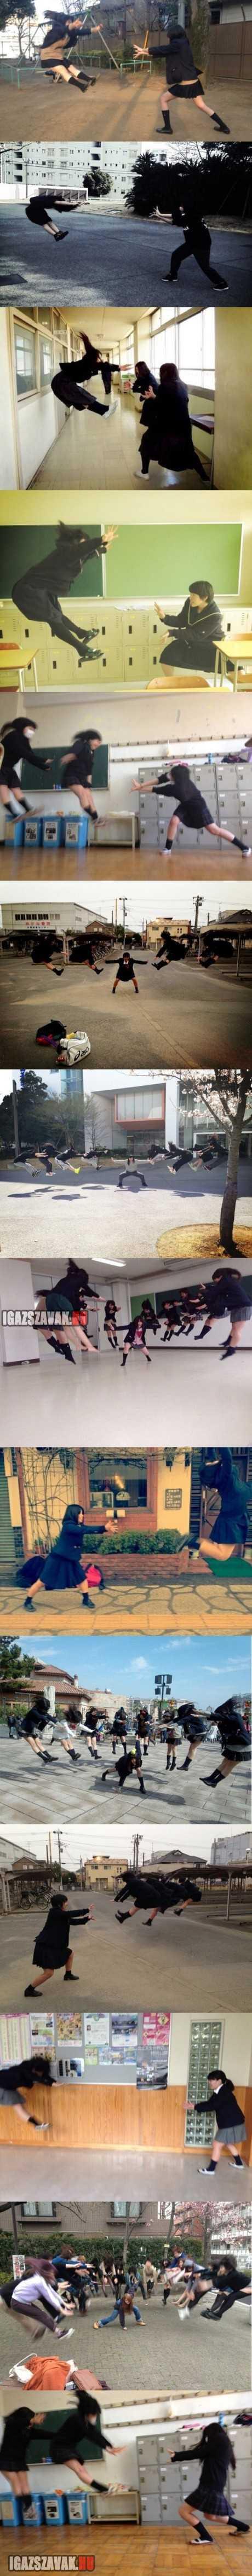 új hobbi tomból a japán  iskoláslányok körében